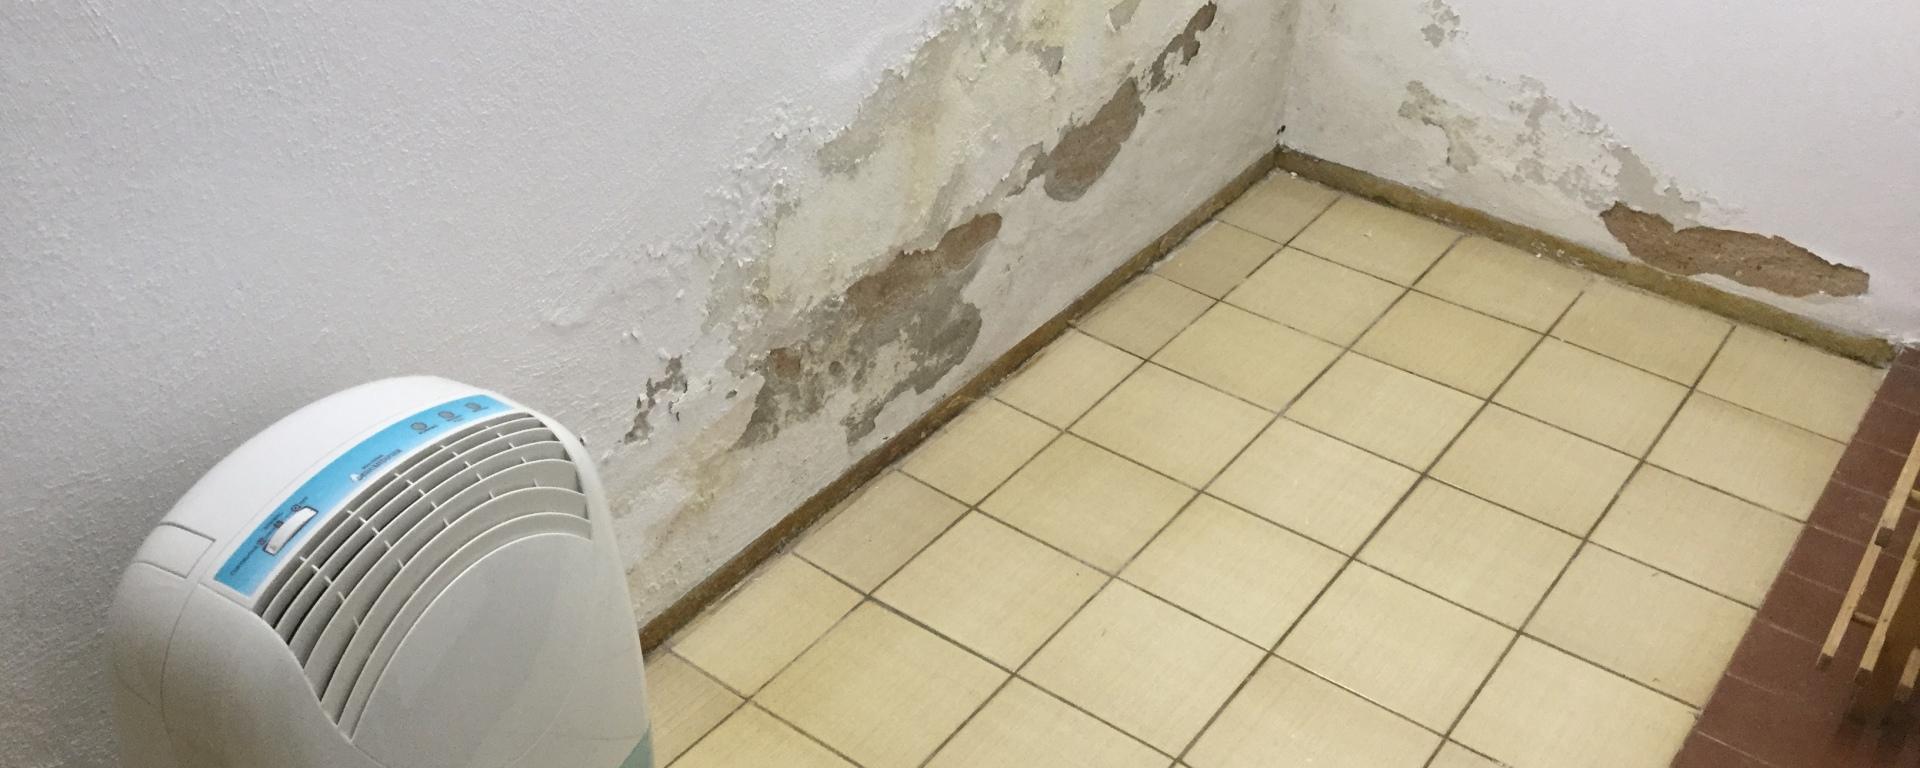 Wieder Wasserschaden im Keller! – Werners WoMoBlog